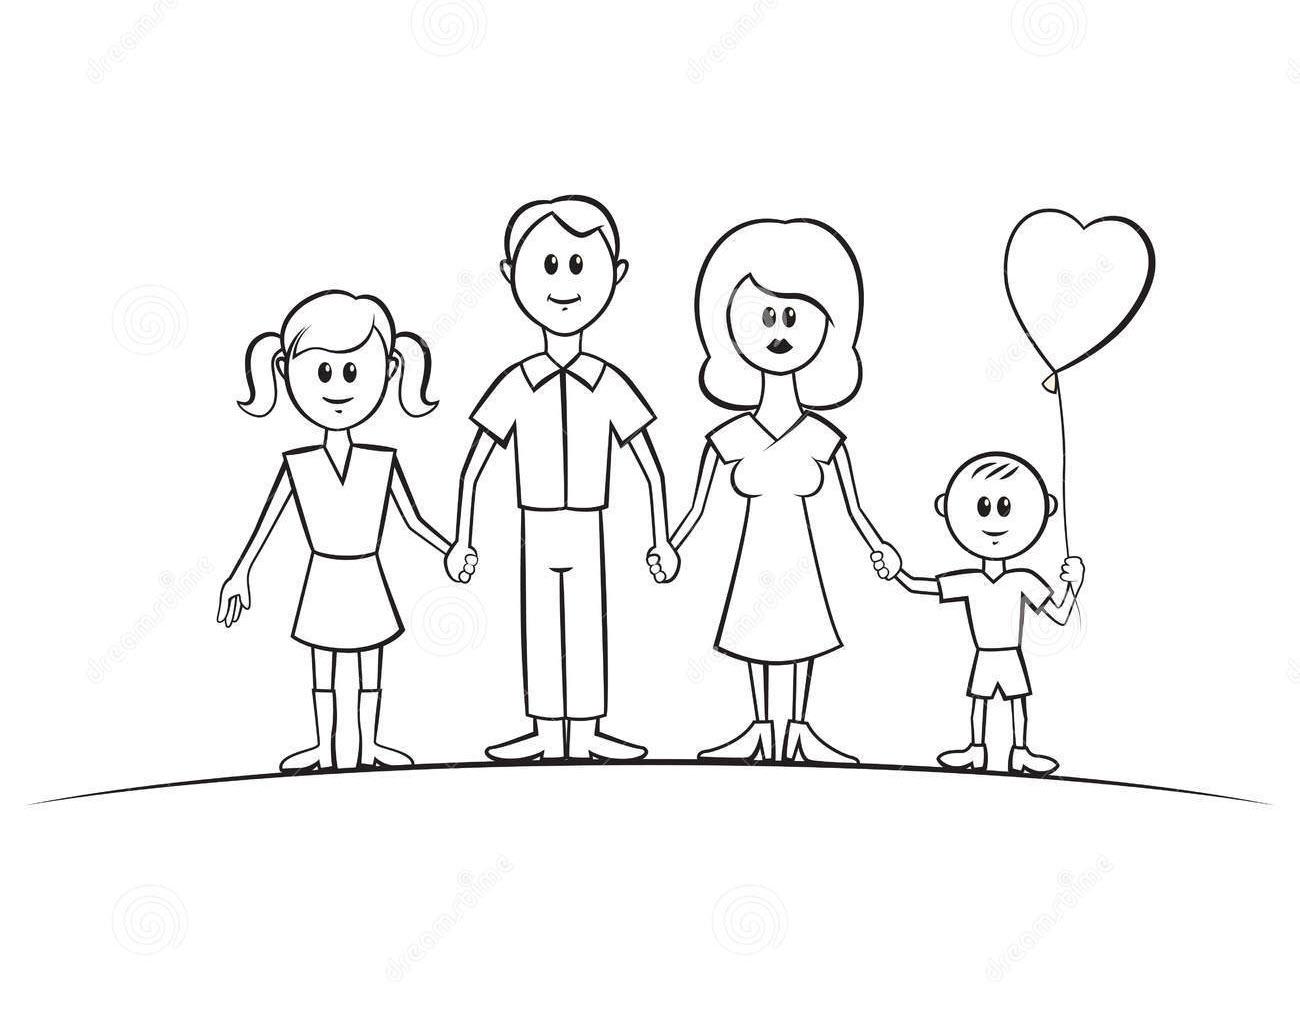 Hình tập tô gia đình cho bé tô màu